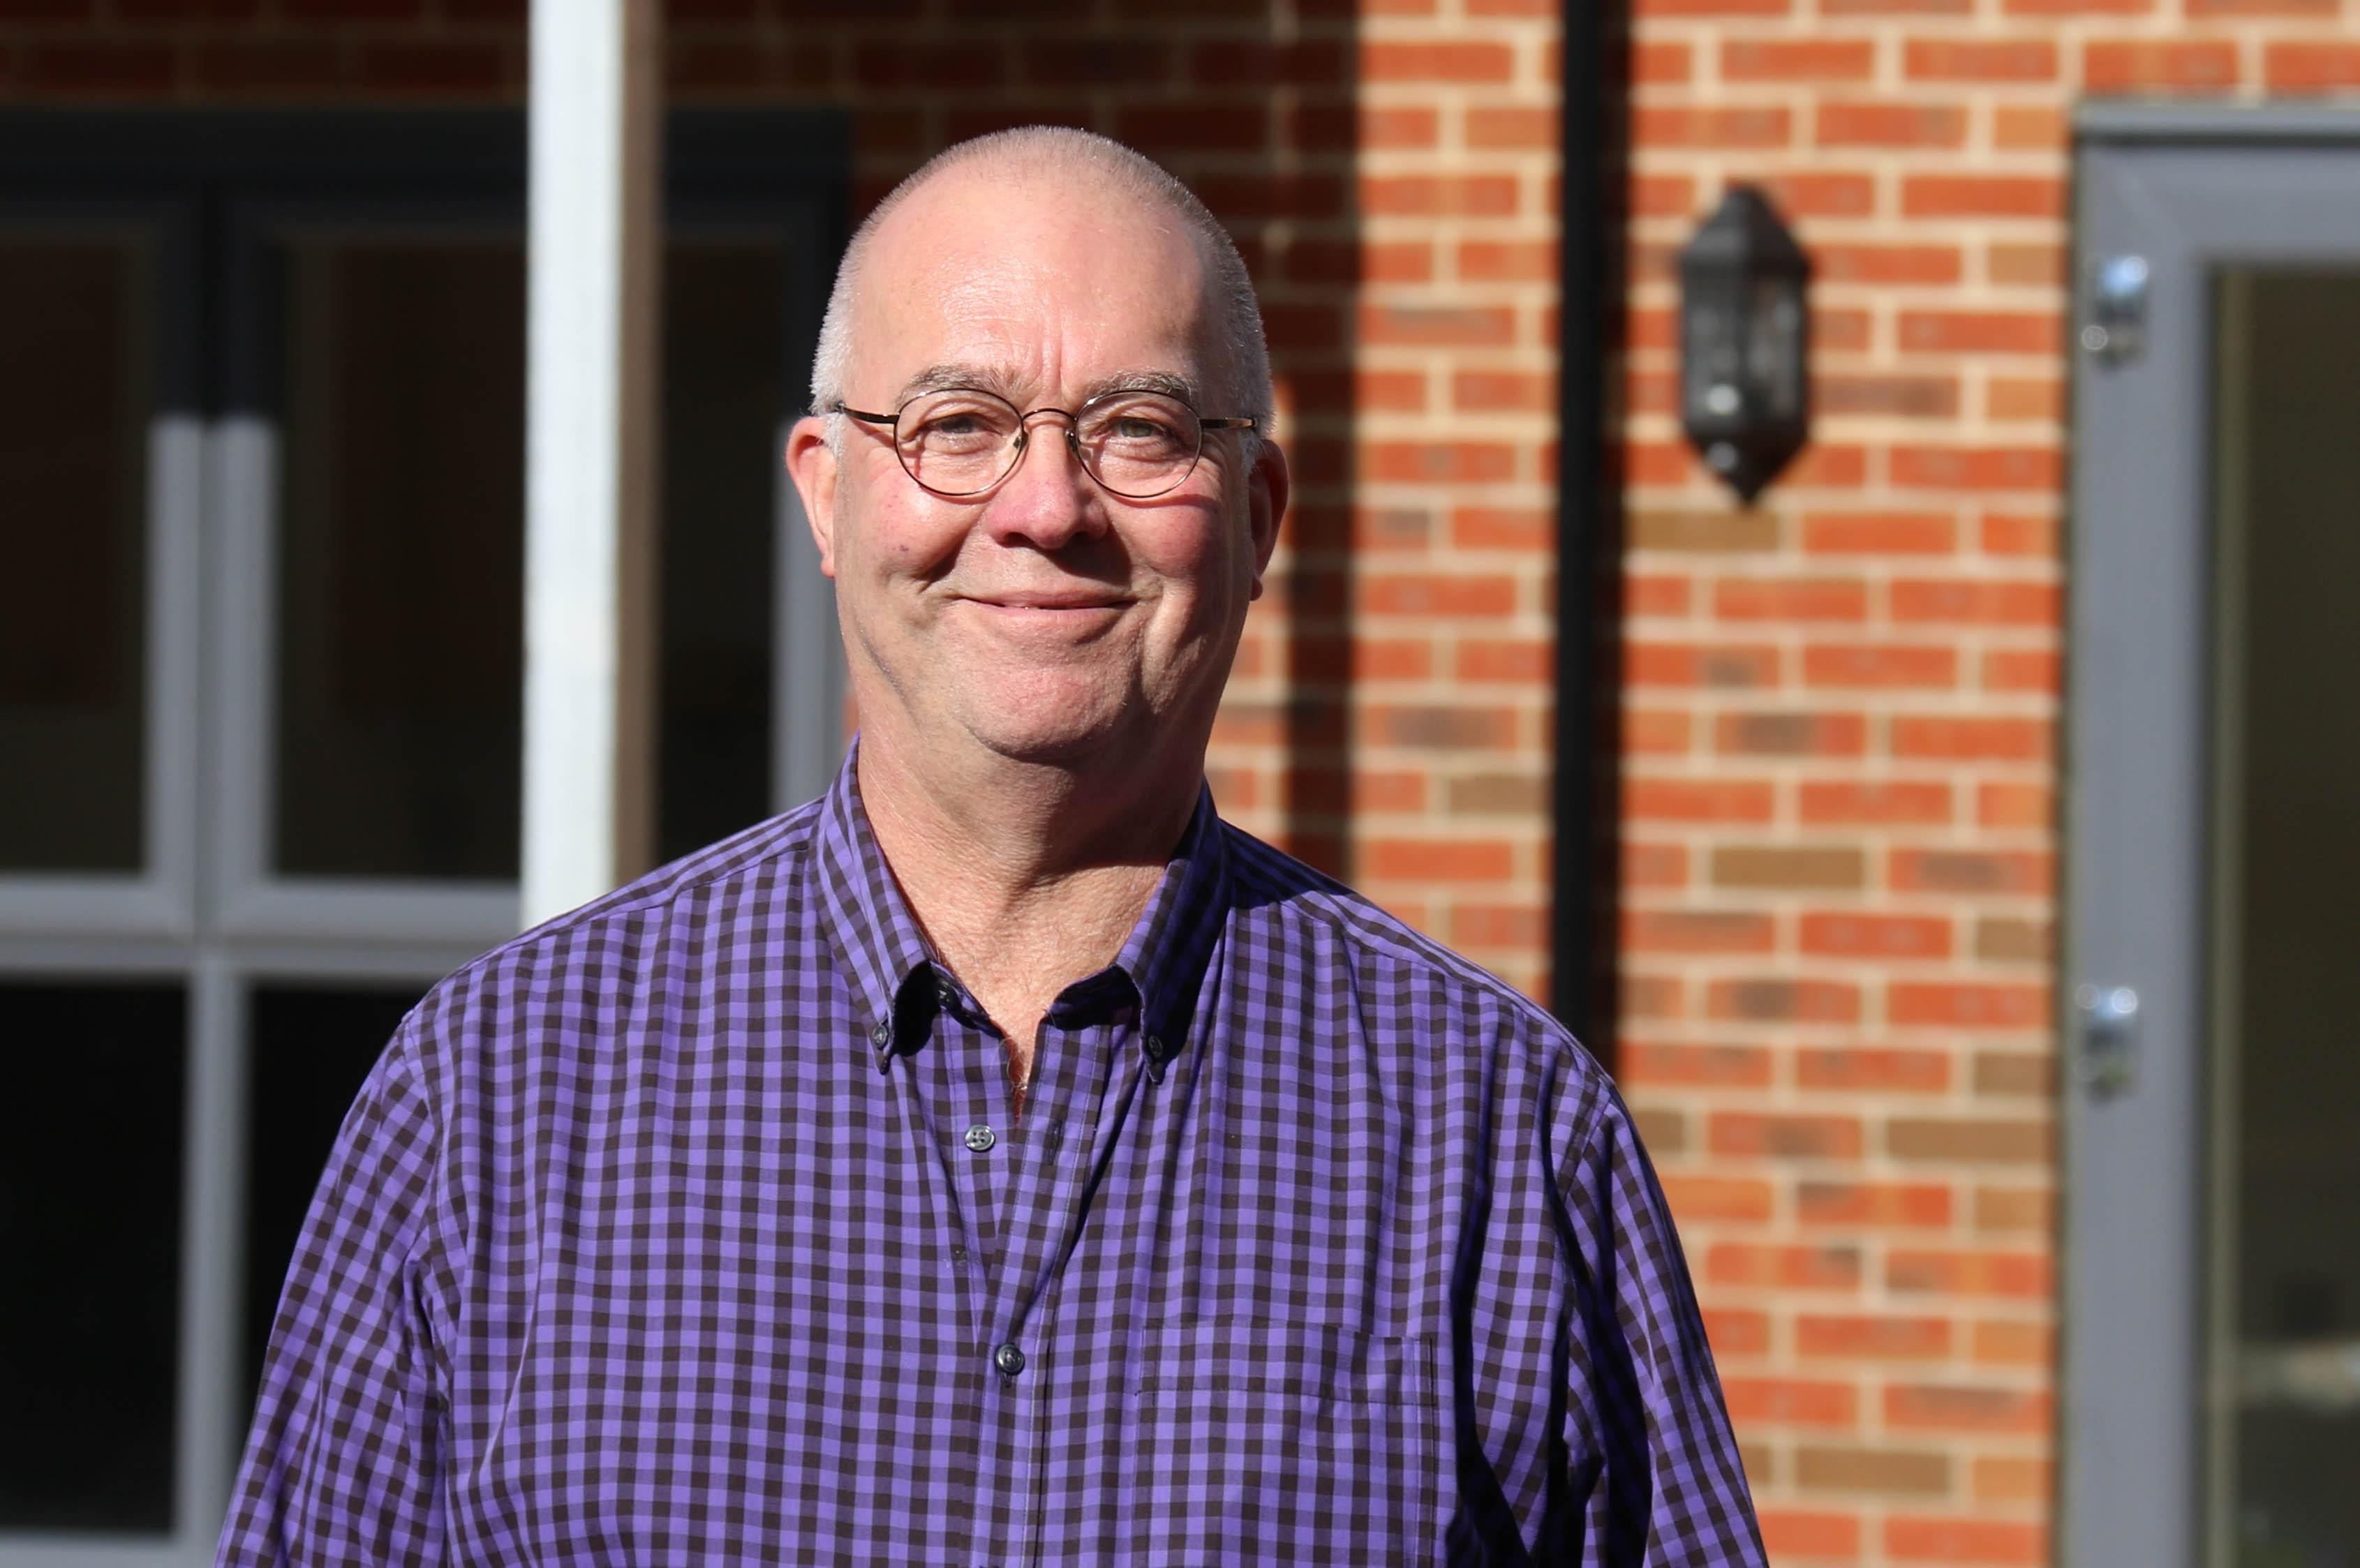 City Council Executive Councillor for Housing, Kevin Price